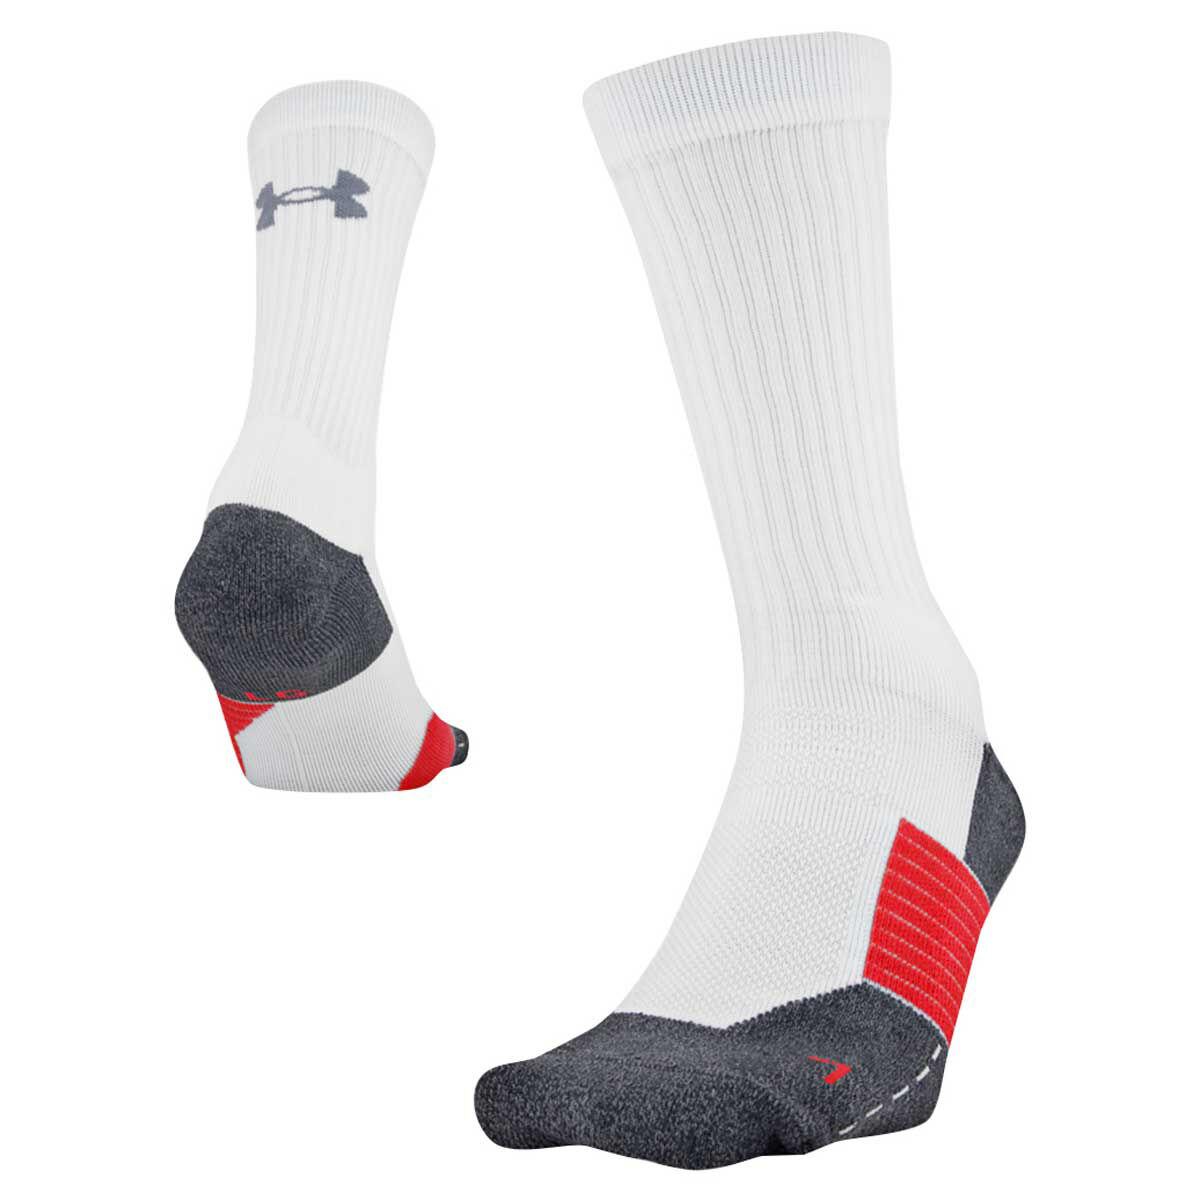 Alien Storehouse Set of 5 Short Socks Cotton Socks Men Socks Sports Socks White